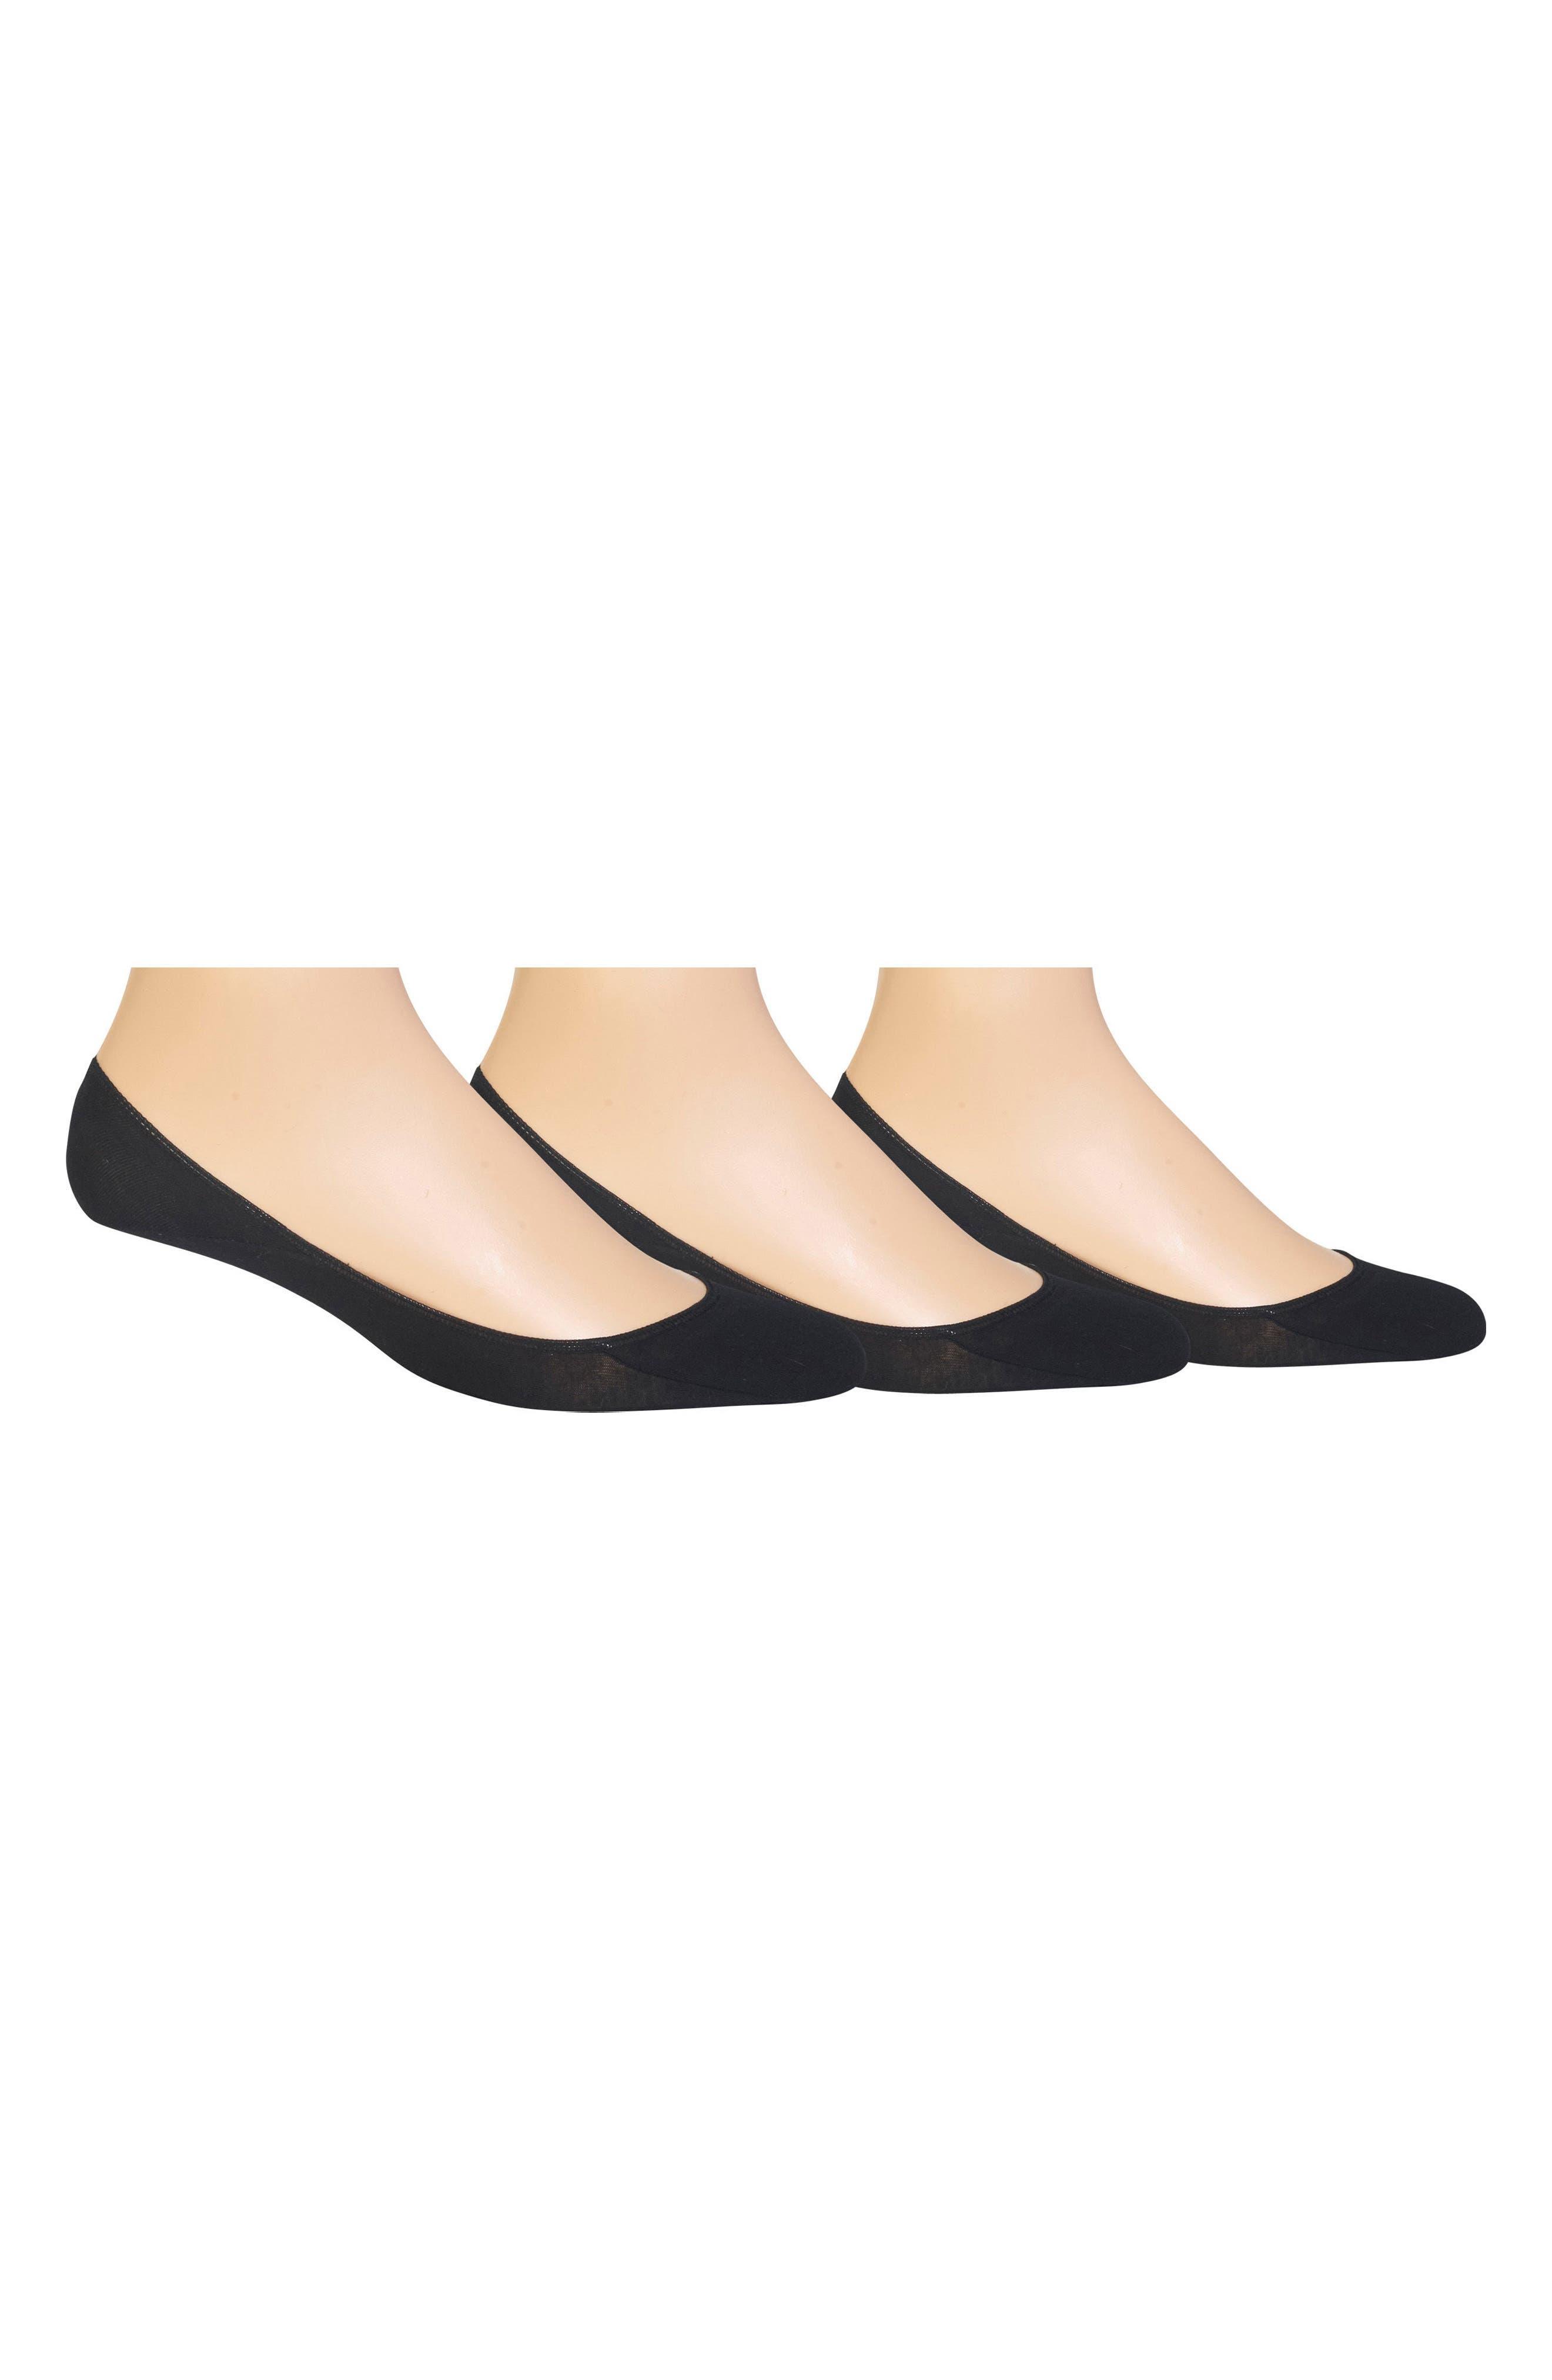 POLO RALPH LAUREN 3-Pack Liner Socks, Main, color, BLACK